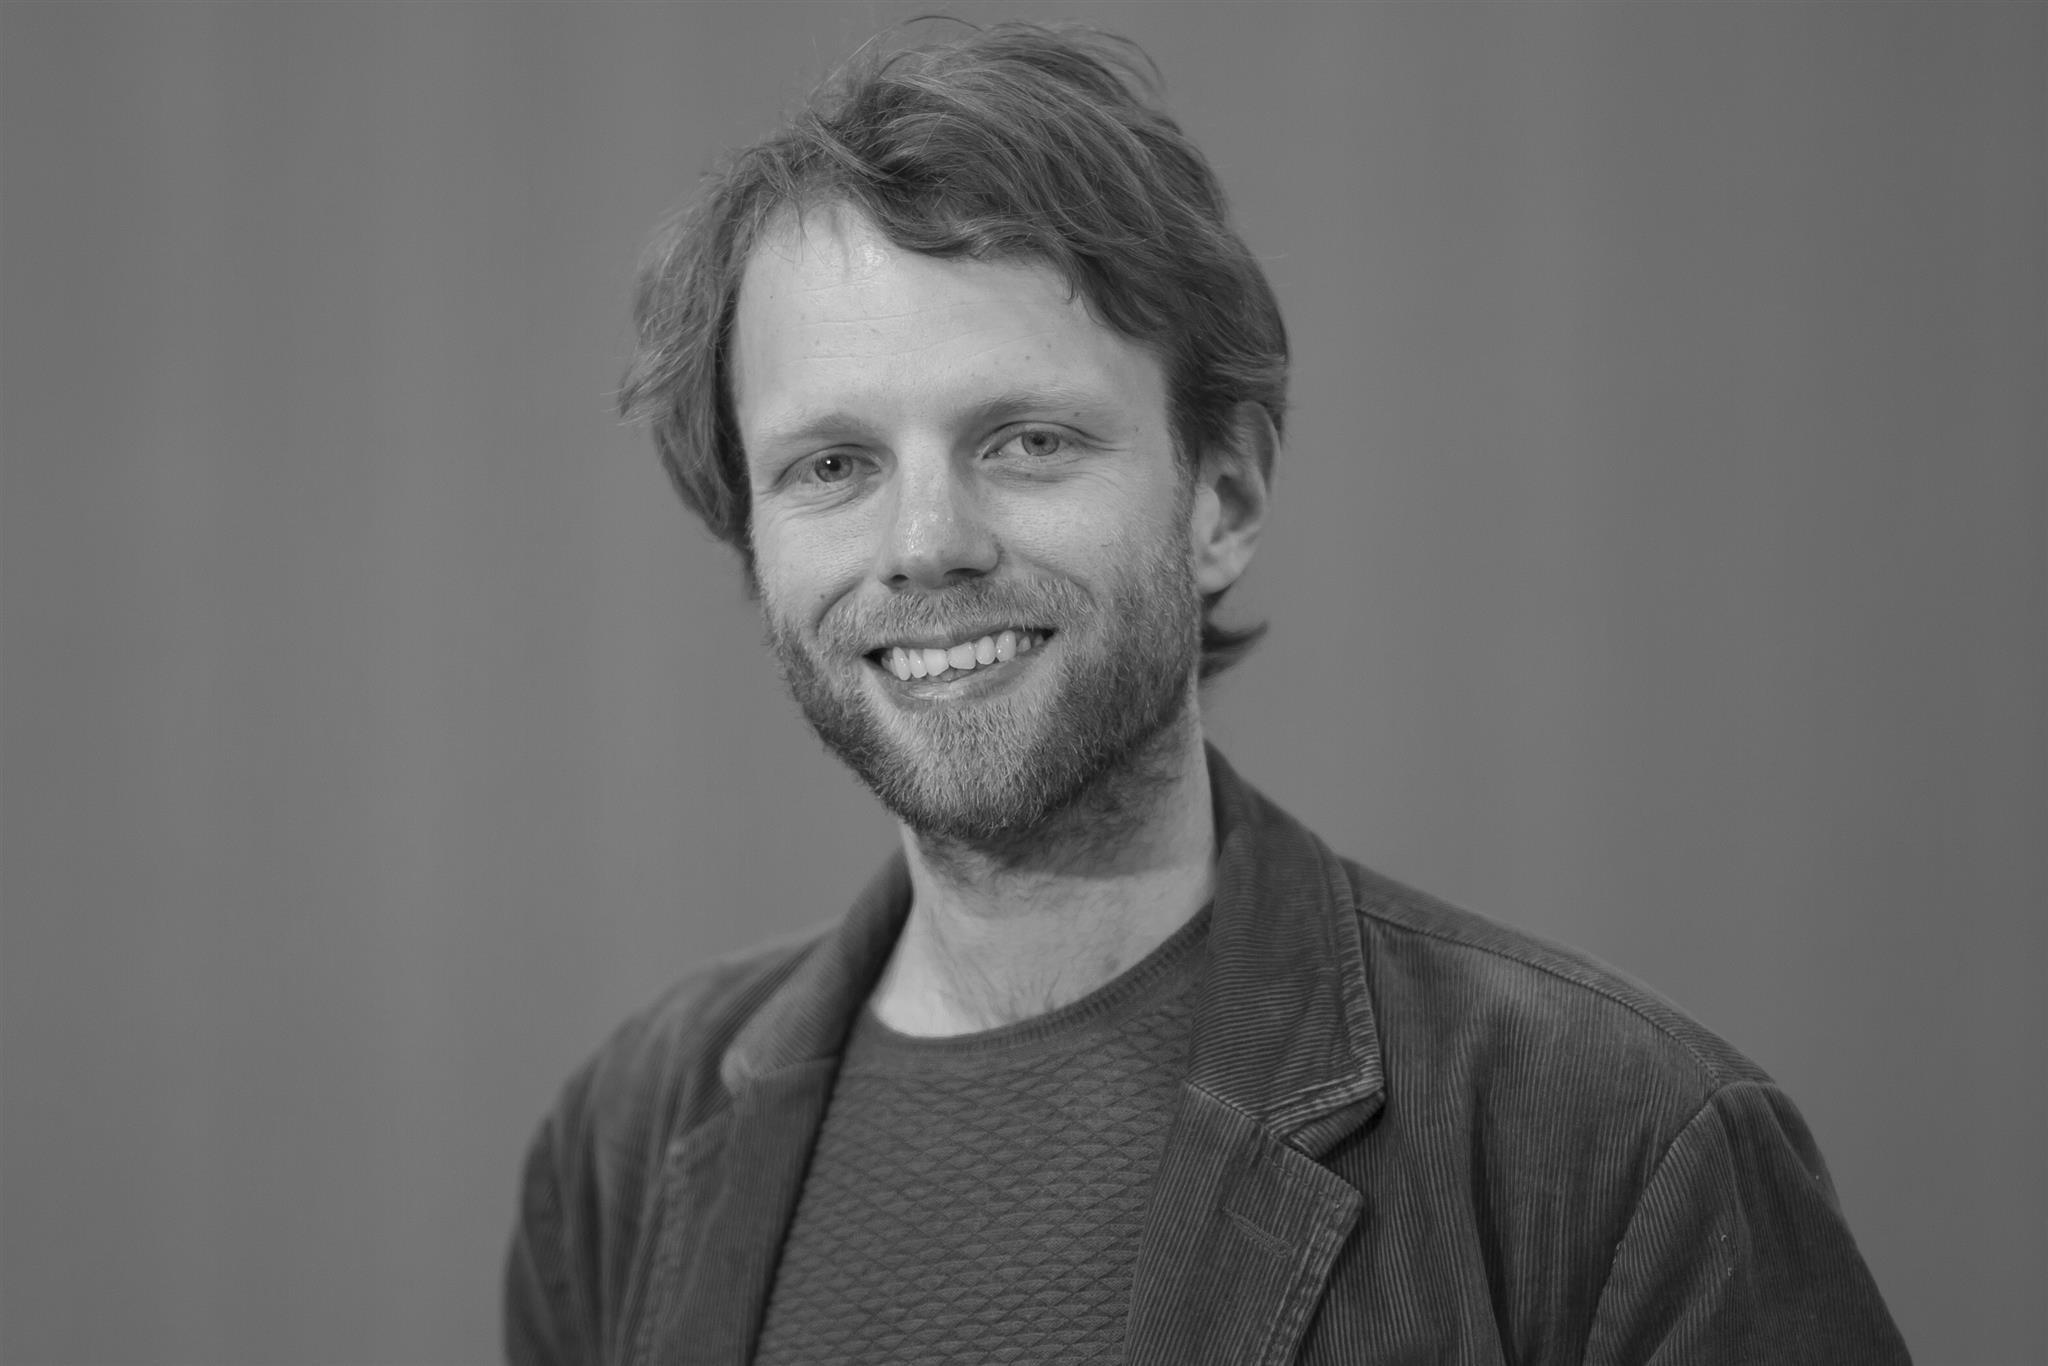 Julien Diebel